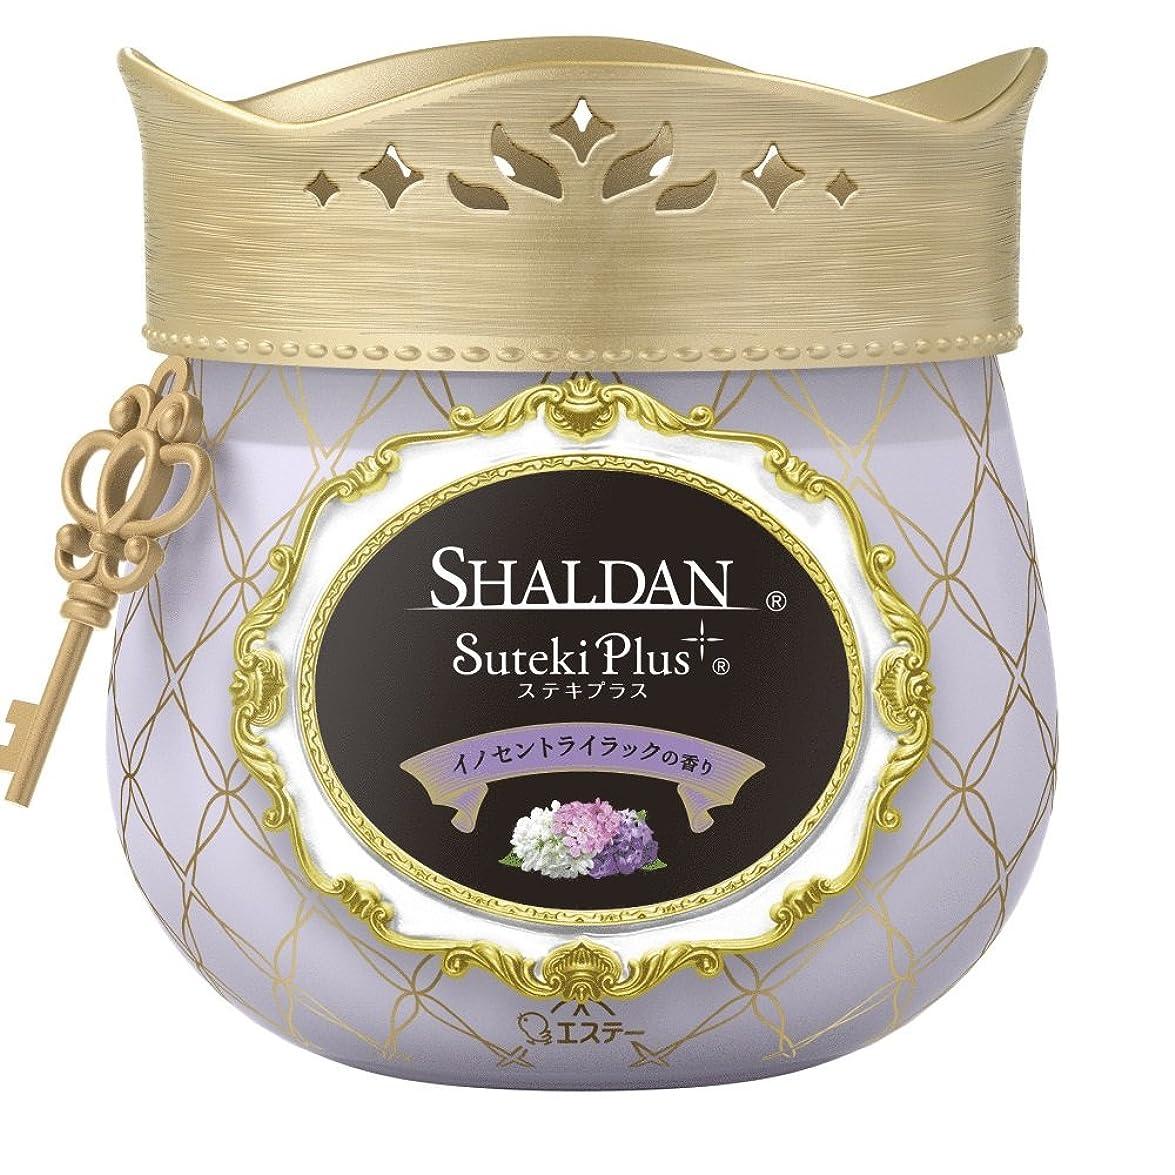 テザーコア同一性シャルダン SHALDAN ステキプラス 消臭芳香剤 部屋用 部屋 イノセントライラックの香り 260g